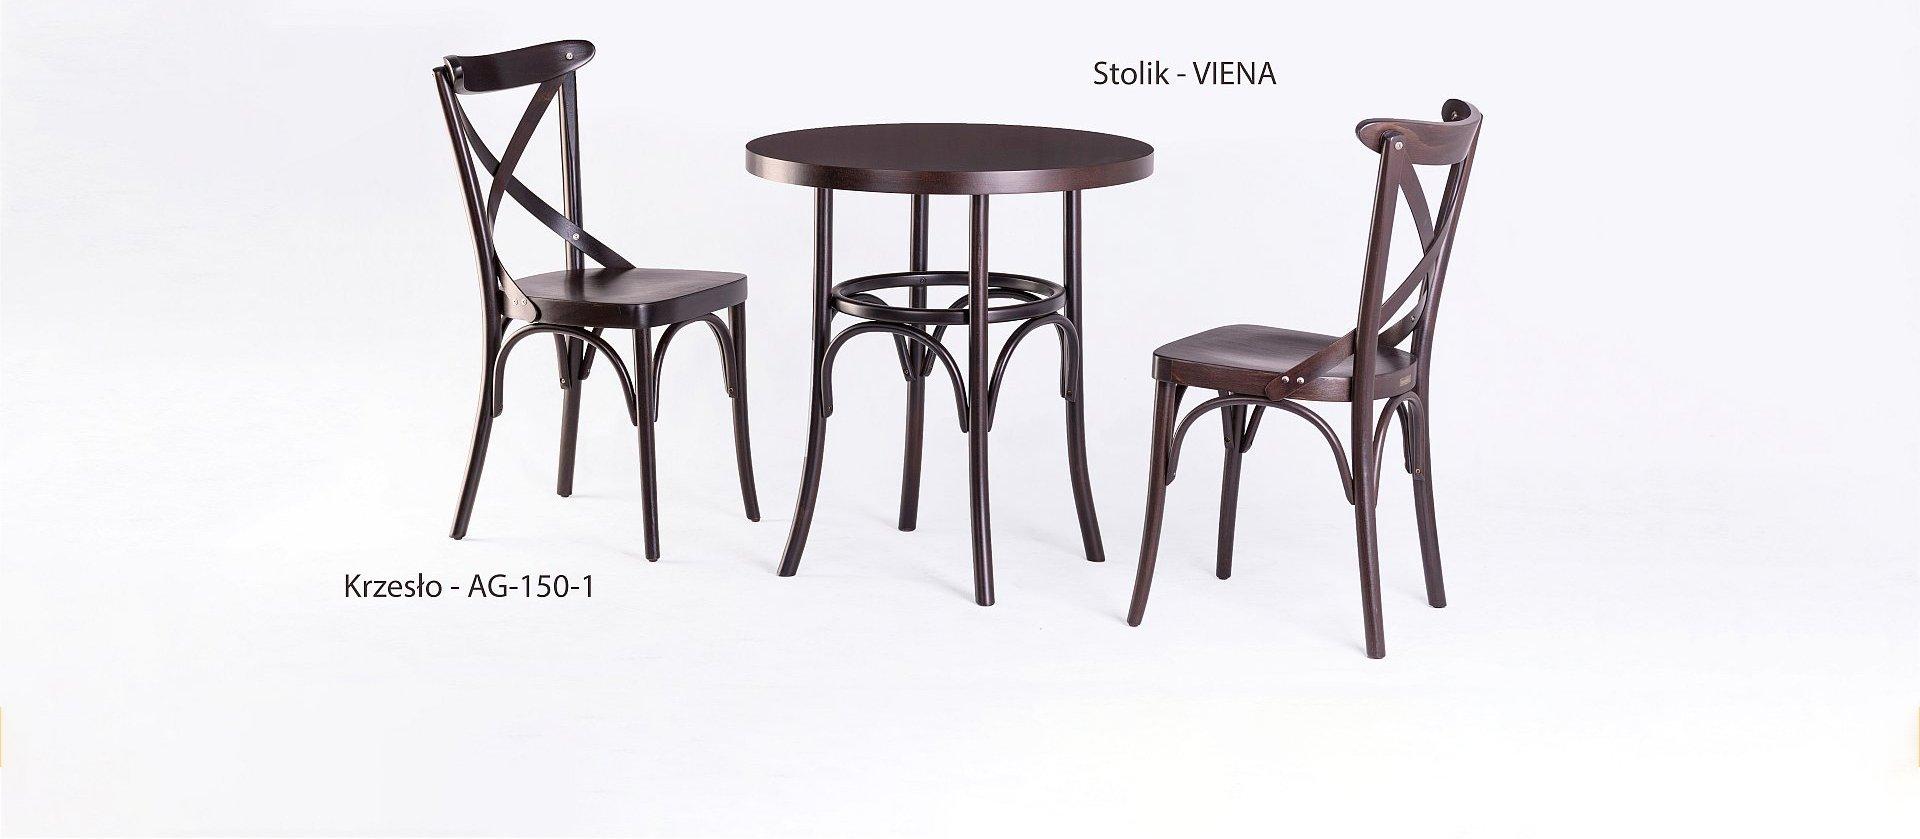 Stół VIENA i krzesła gięte AG-150-1